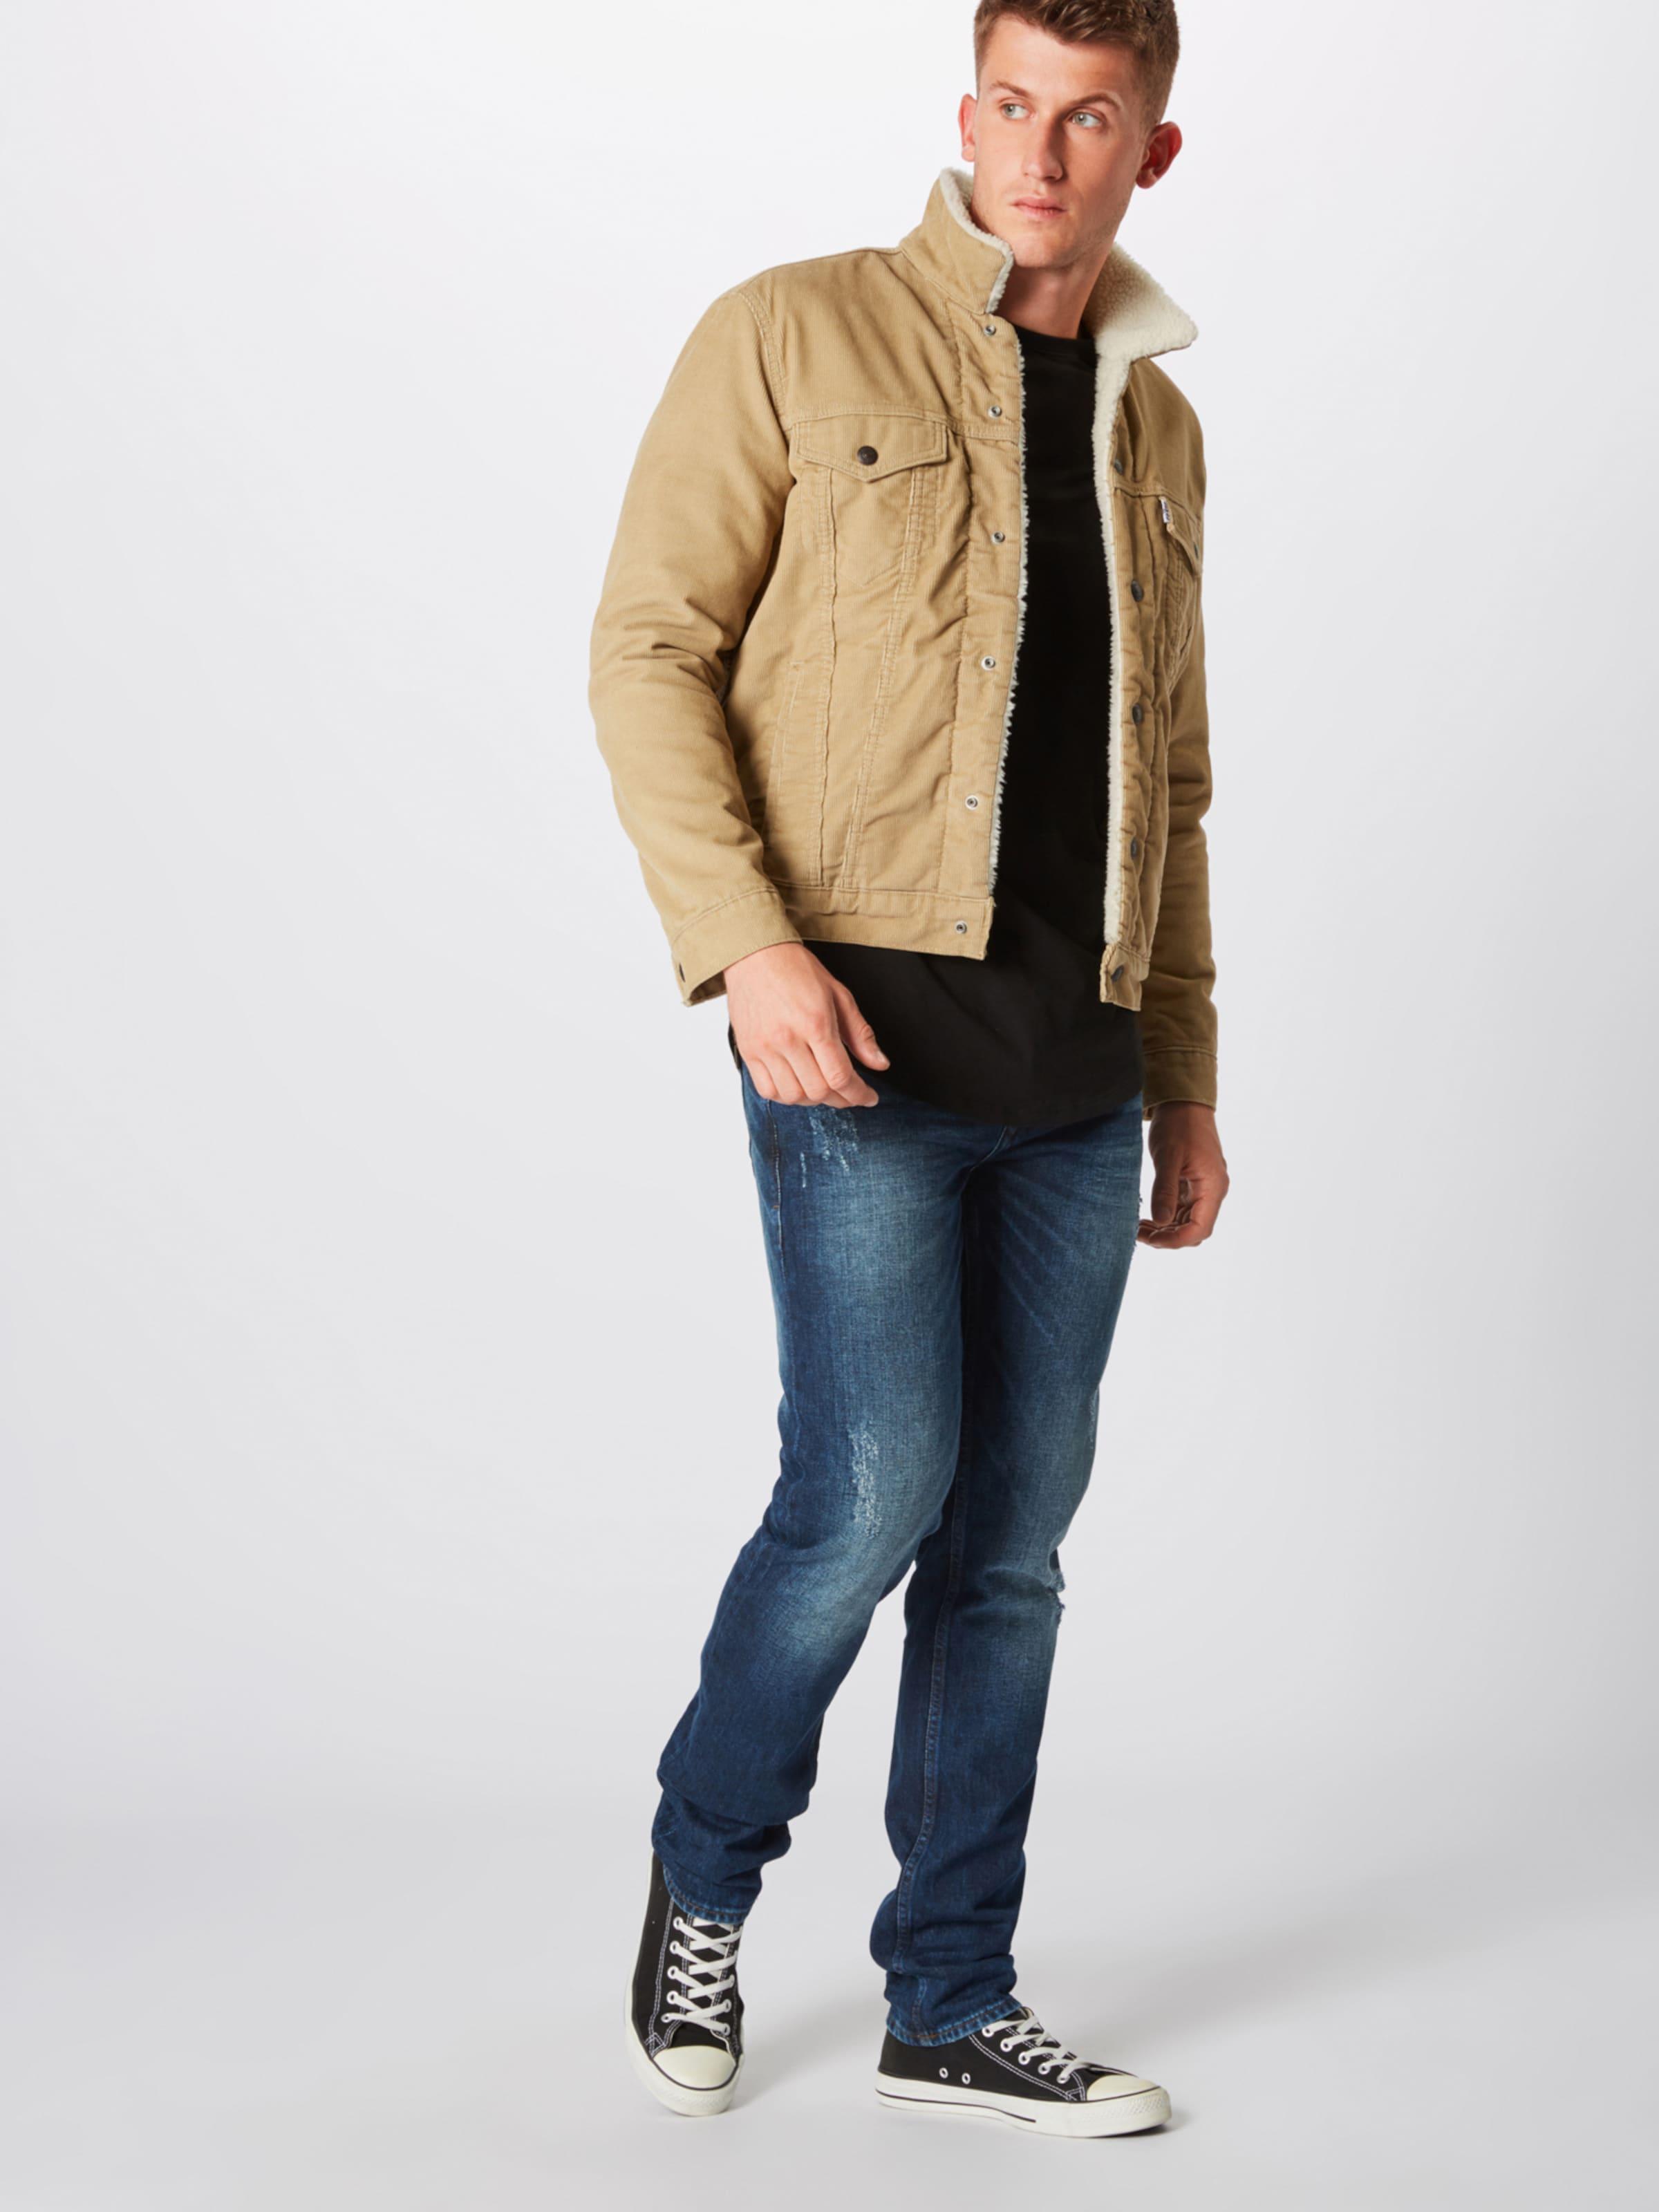 'twister Denim In Jeans Blend Slim Blue Straight' 4Rj3Aq5L